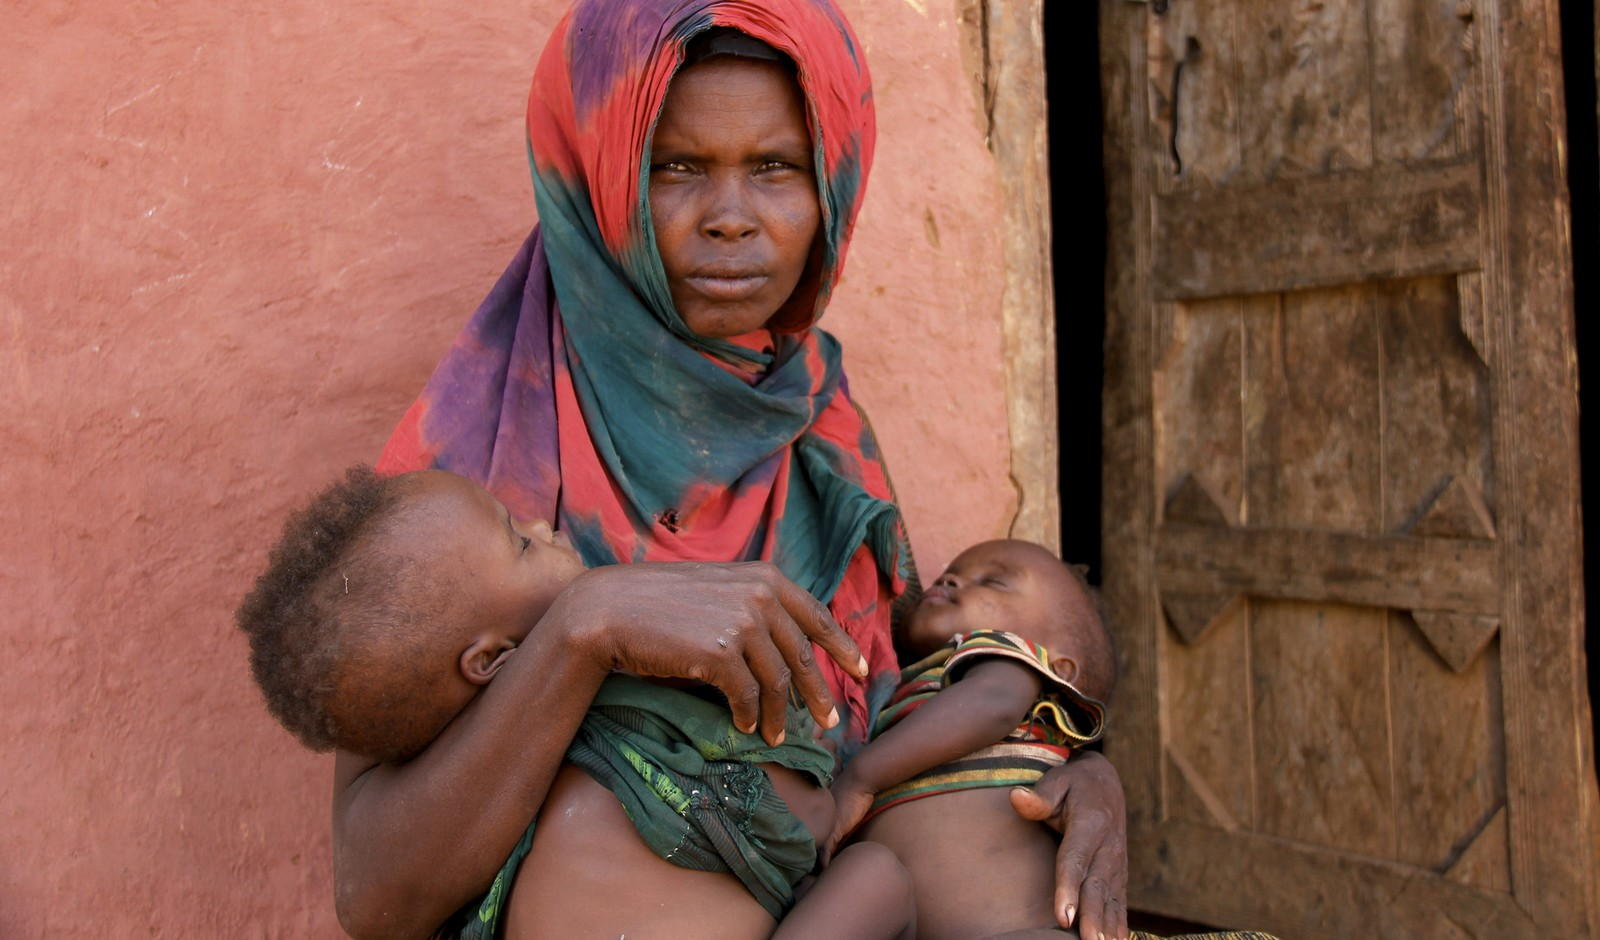 Los Gobiernos Europeos están haciendo Fuerte Presión en la ONU para declarar al ABORTO como un Derecho Humanitario…